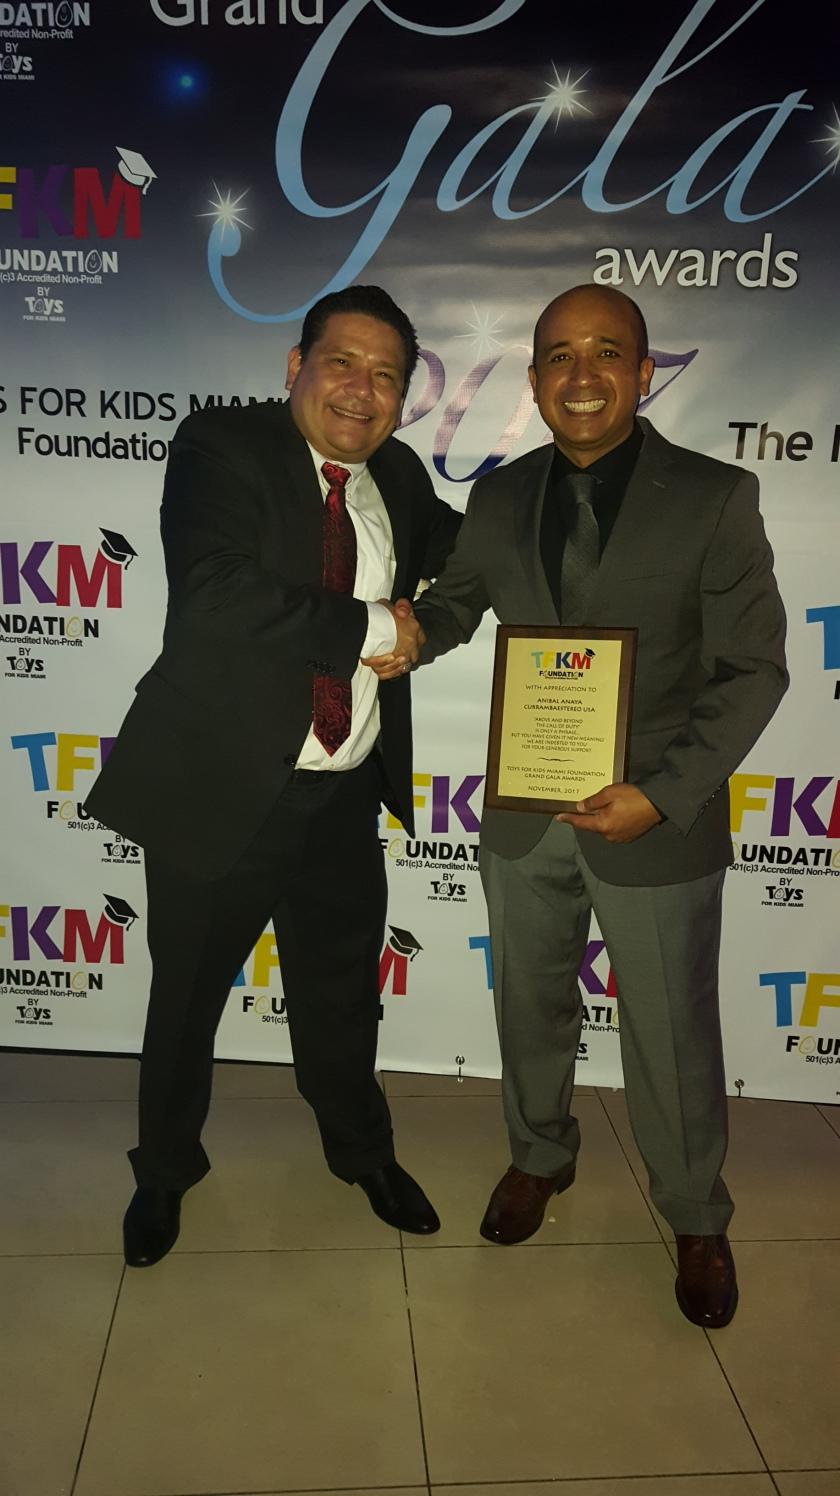 Entrega reconocimiento al programa Socializando con Anibal, emitido por la emisora currambaestereo.com